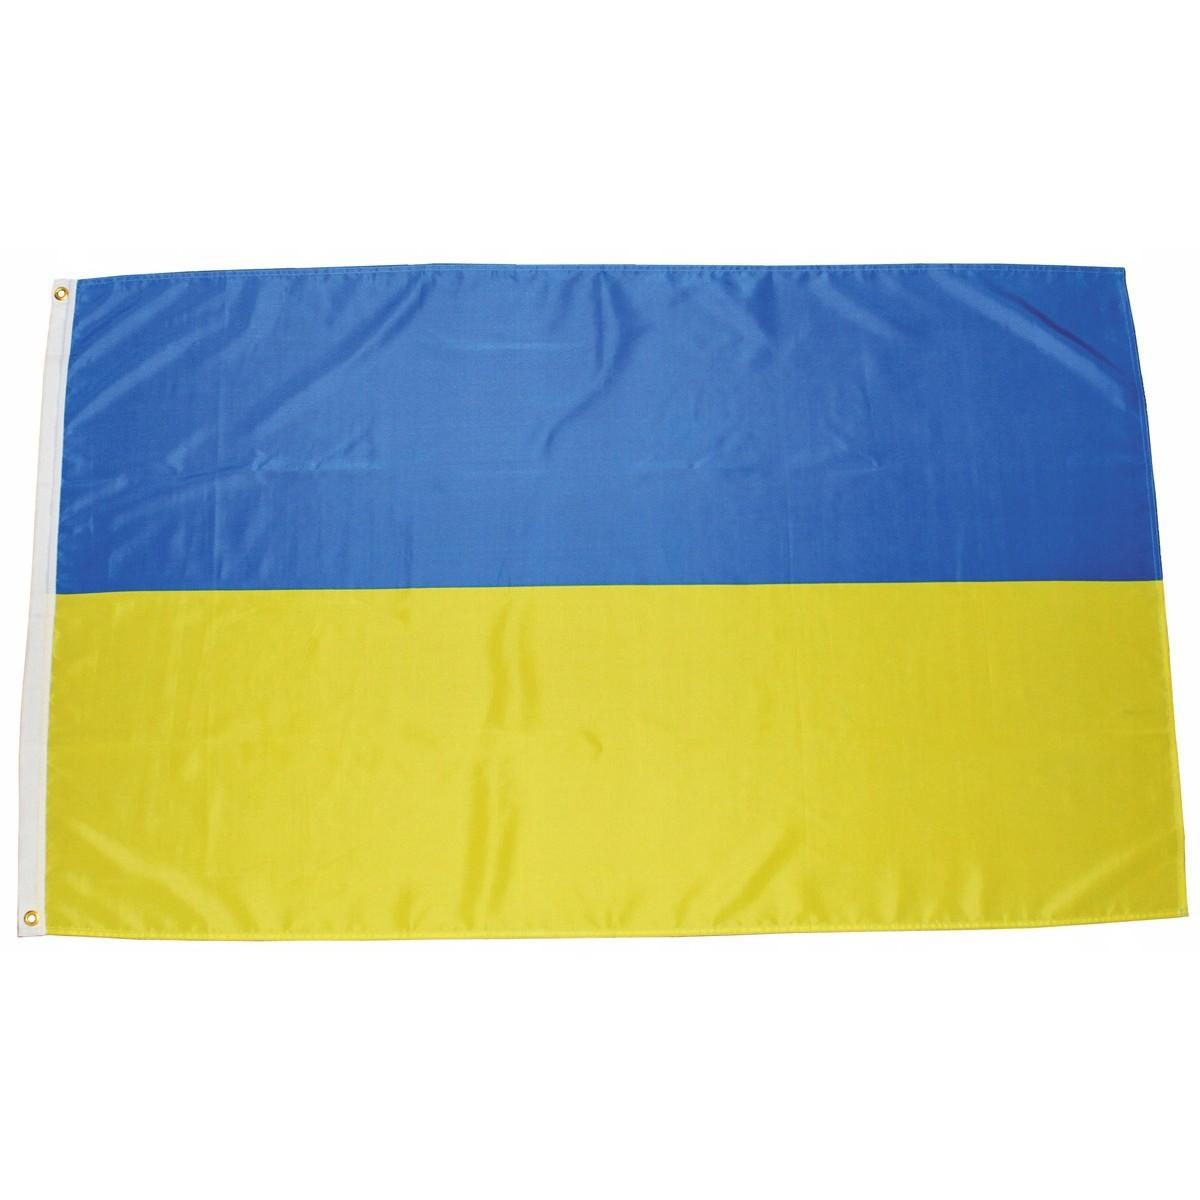 Ukrajinská vlajka 150x90cm obojstranná polyester megamix.sk